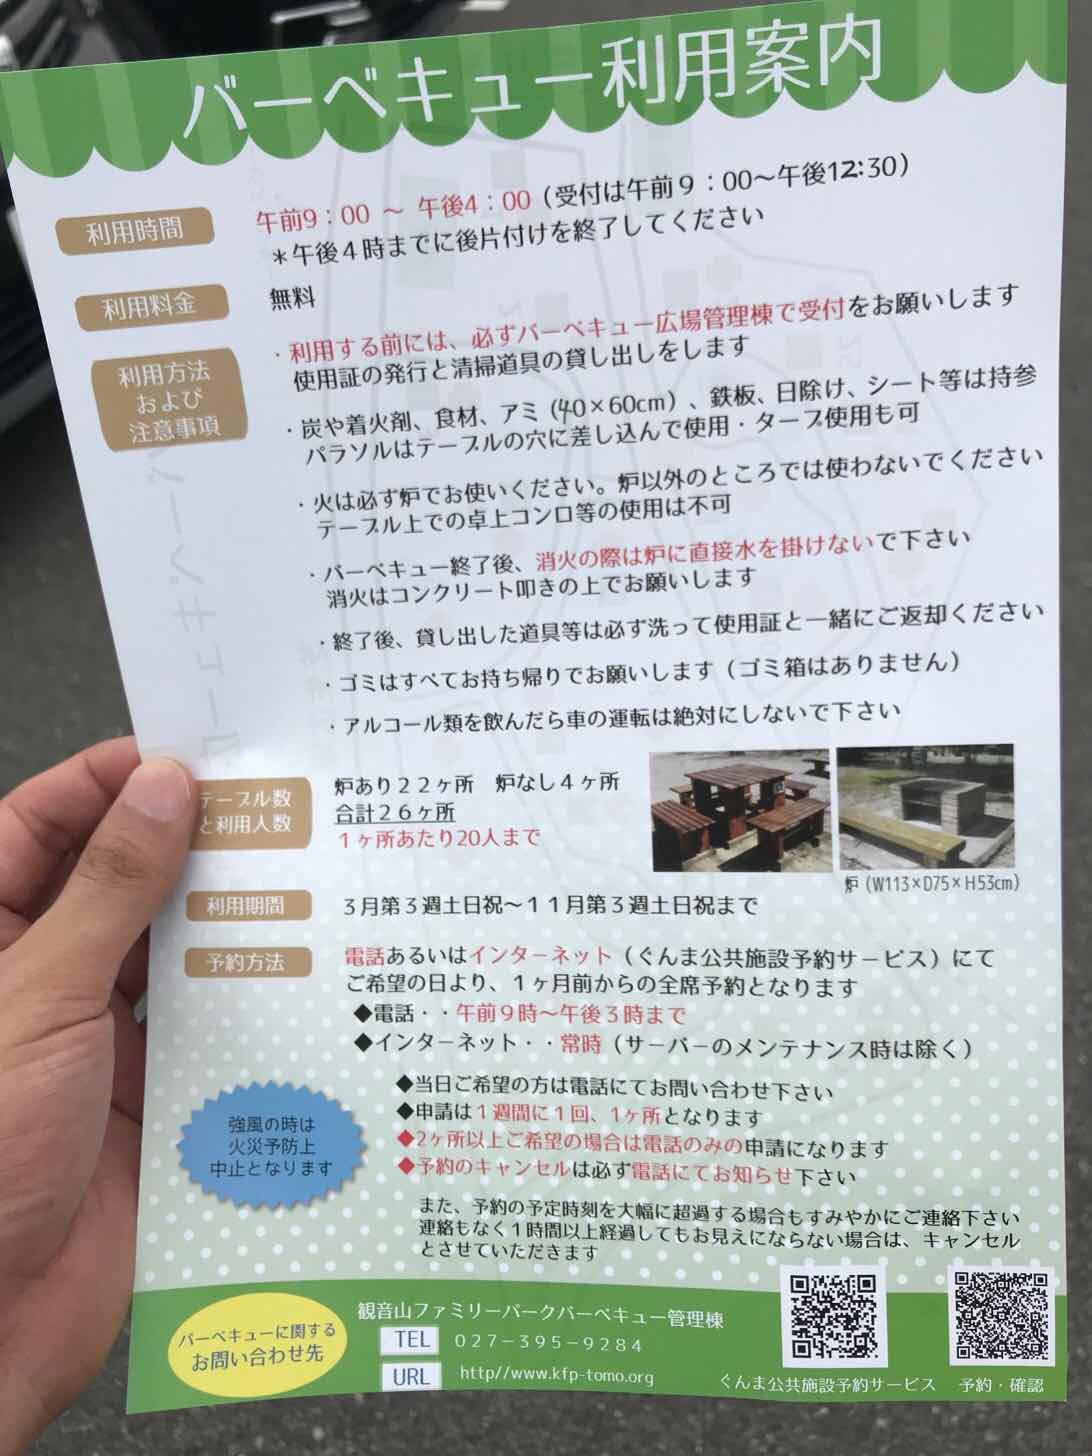 観音山ファミリーパーク-BBQ-予約方法